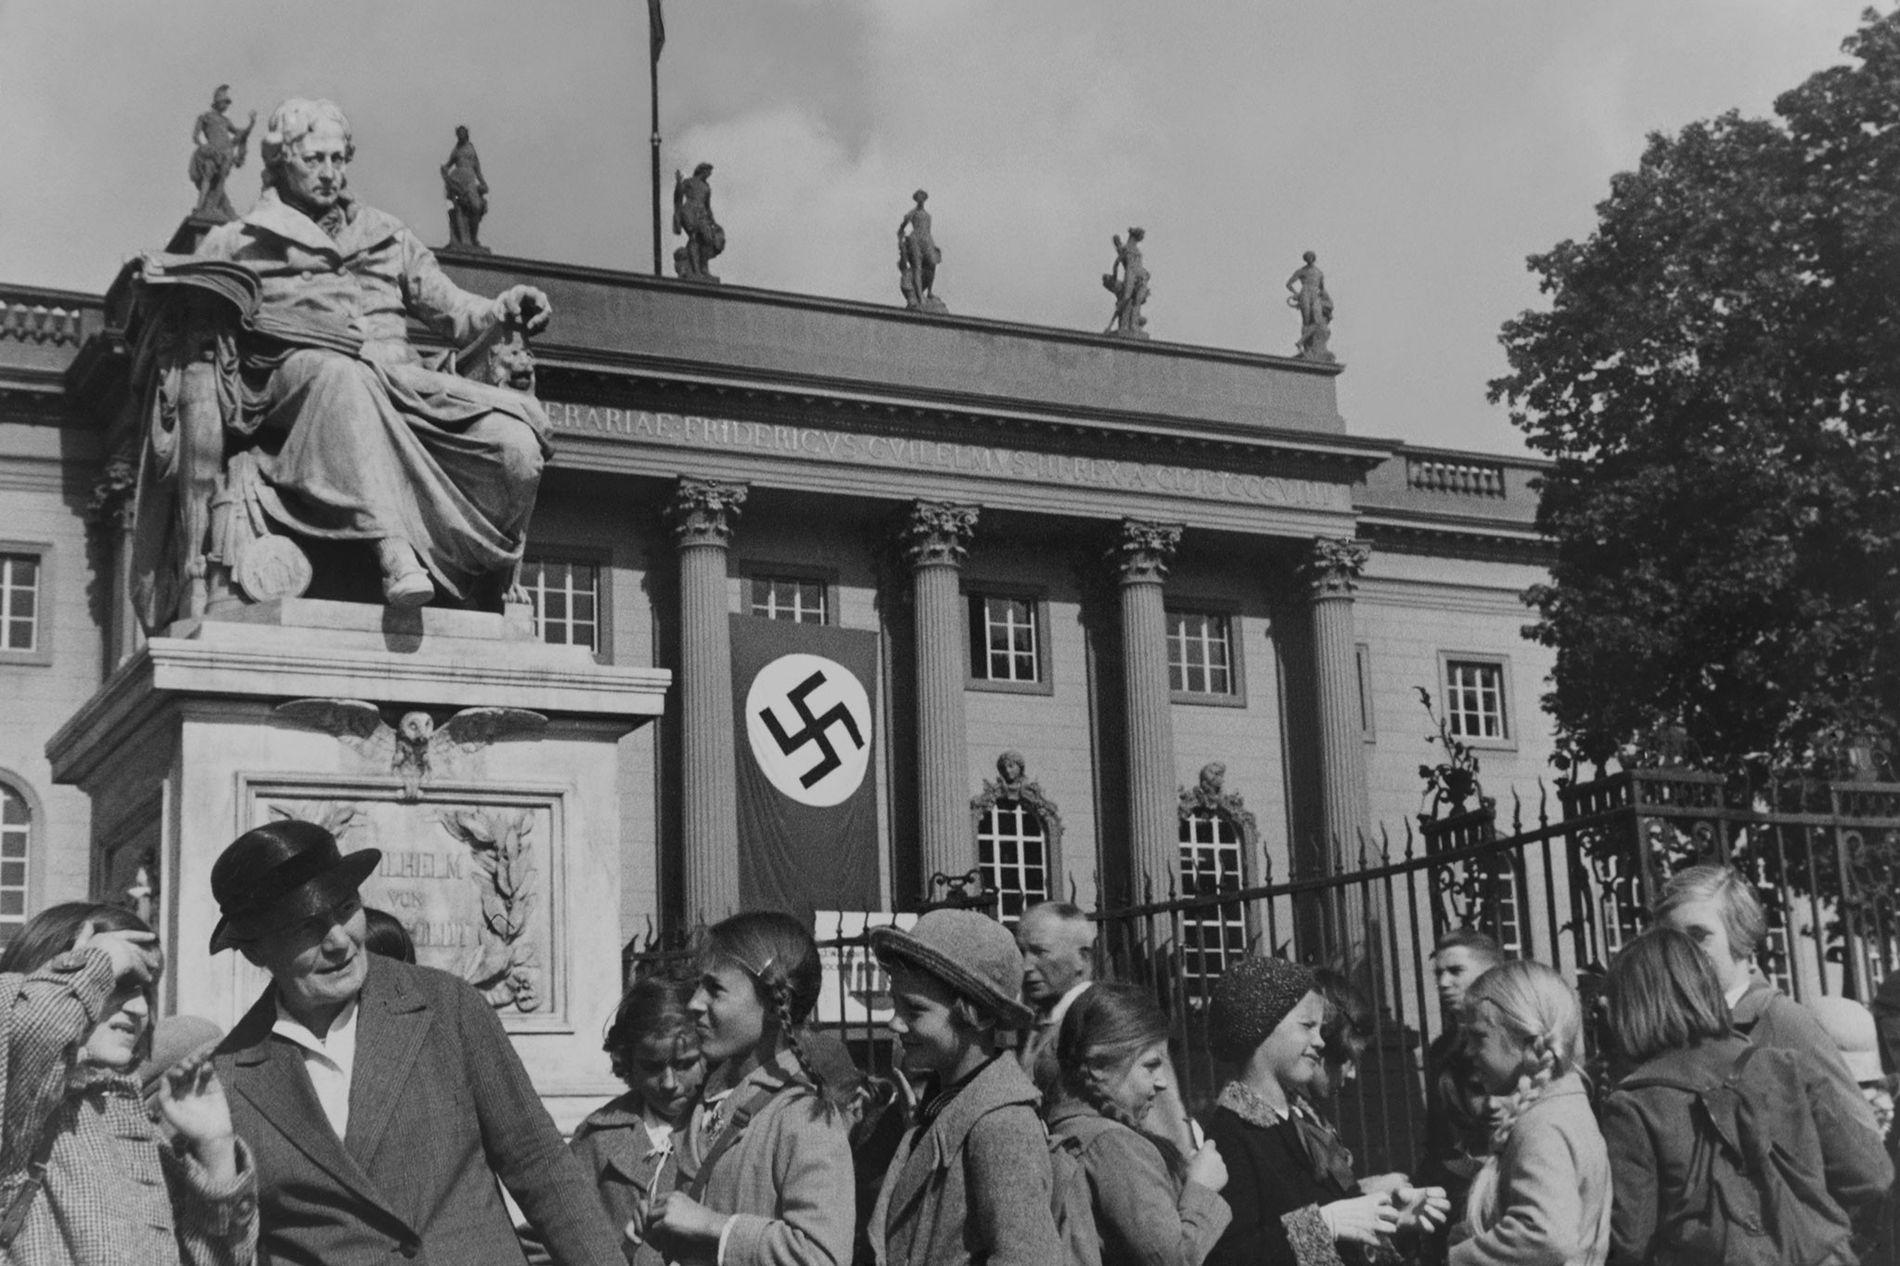 Photo de Douglas Chandler apparaissant dans son reportage sur Berlin, paru dans le magazine National Geographic de février 1937, décrivant le bonheur des Berlinois sous le nouvel ordre nazi. Il a ensuite collaboré étroitement avec le ministère de la propagande dirigé par Goebbels.